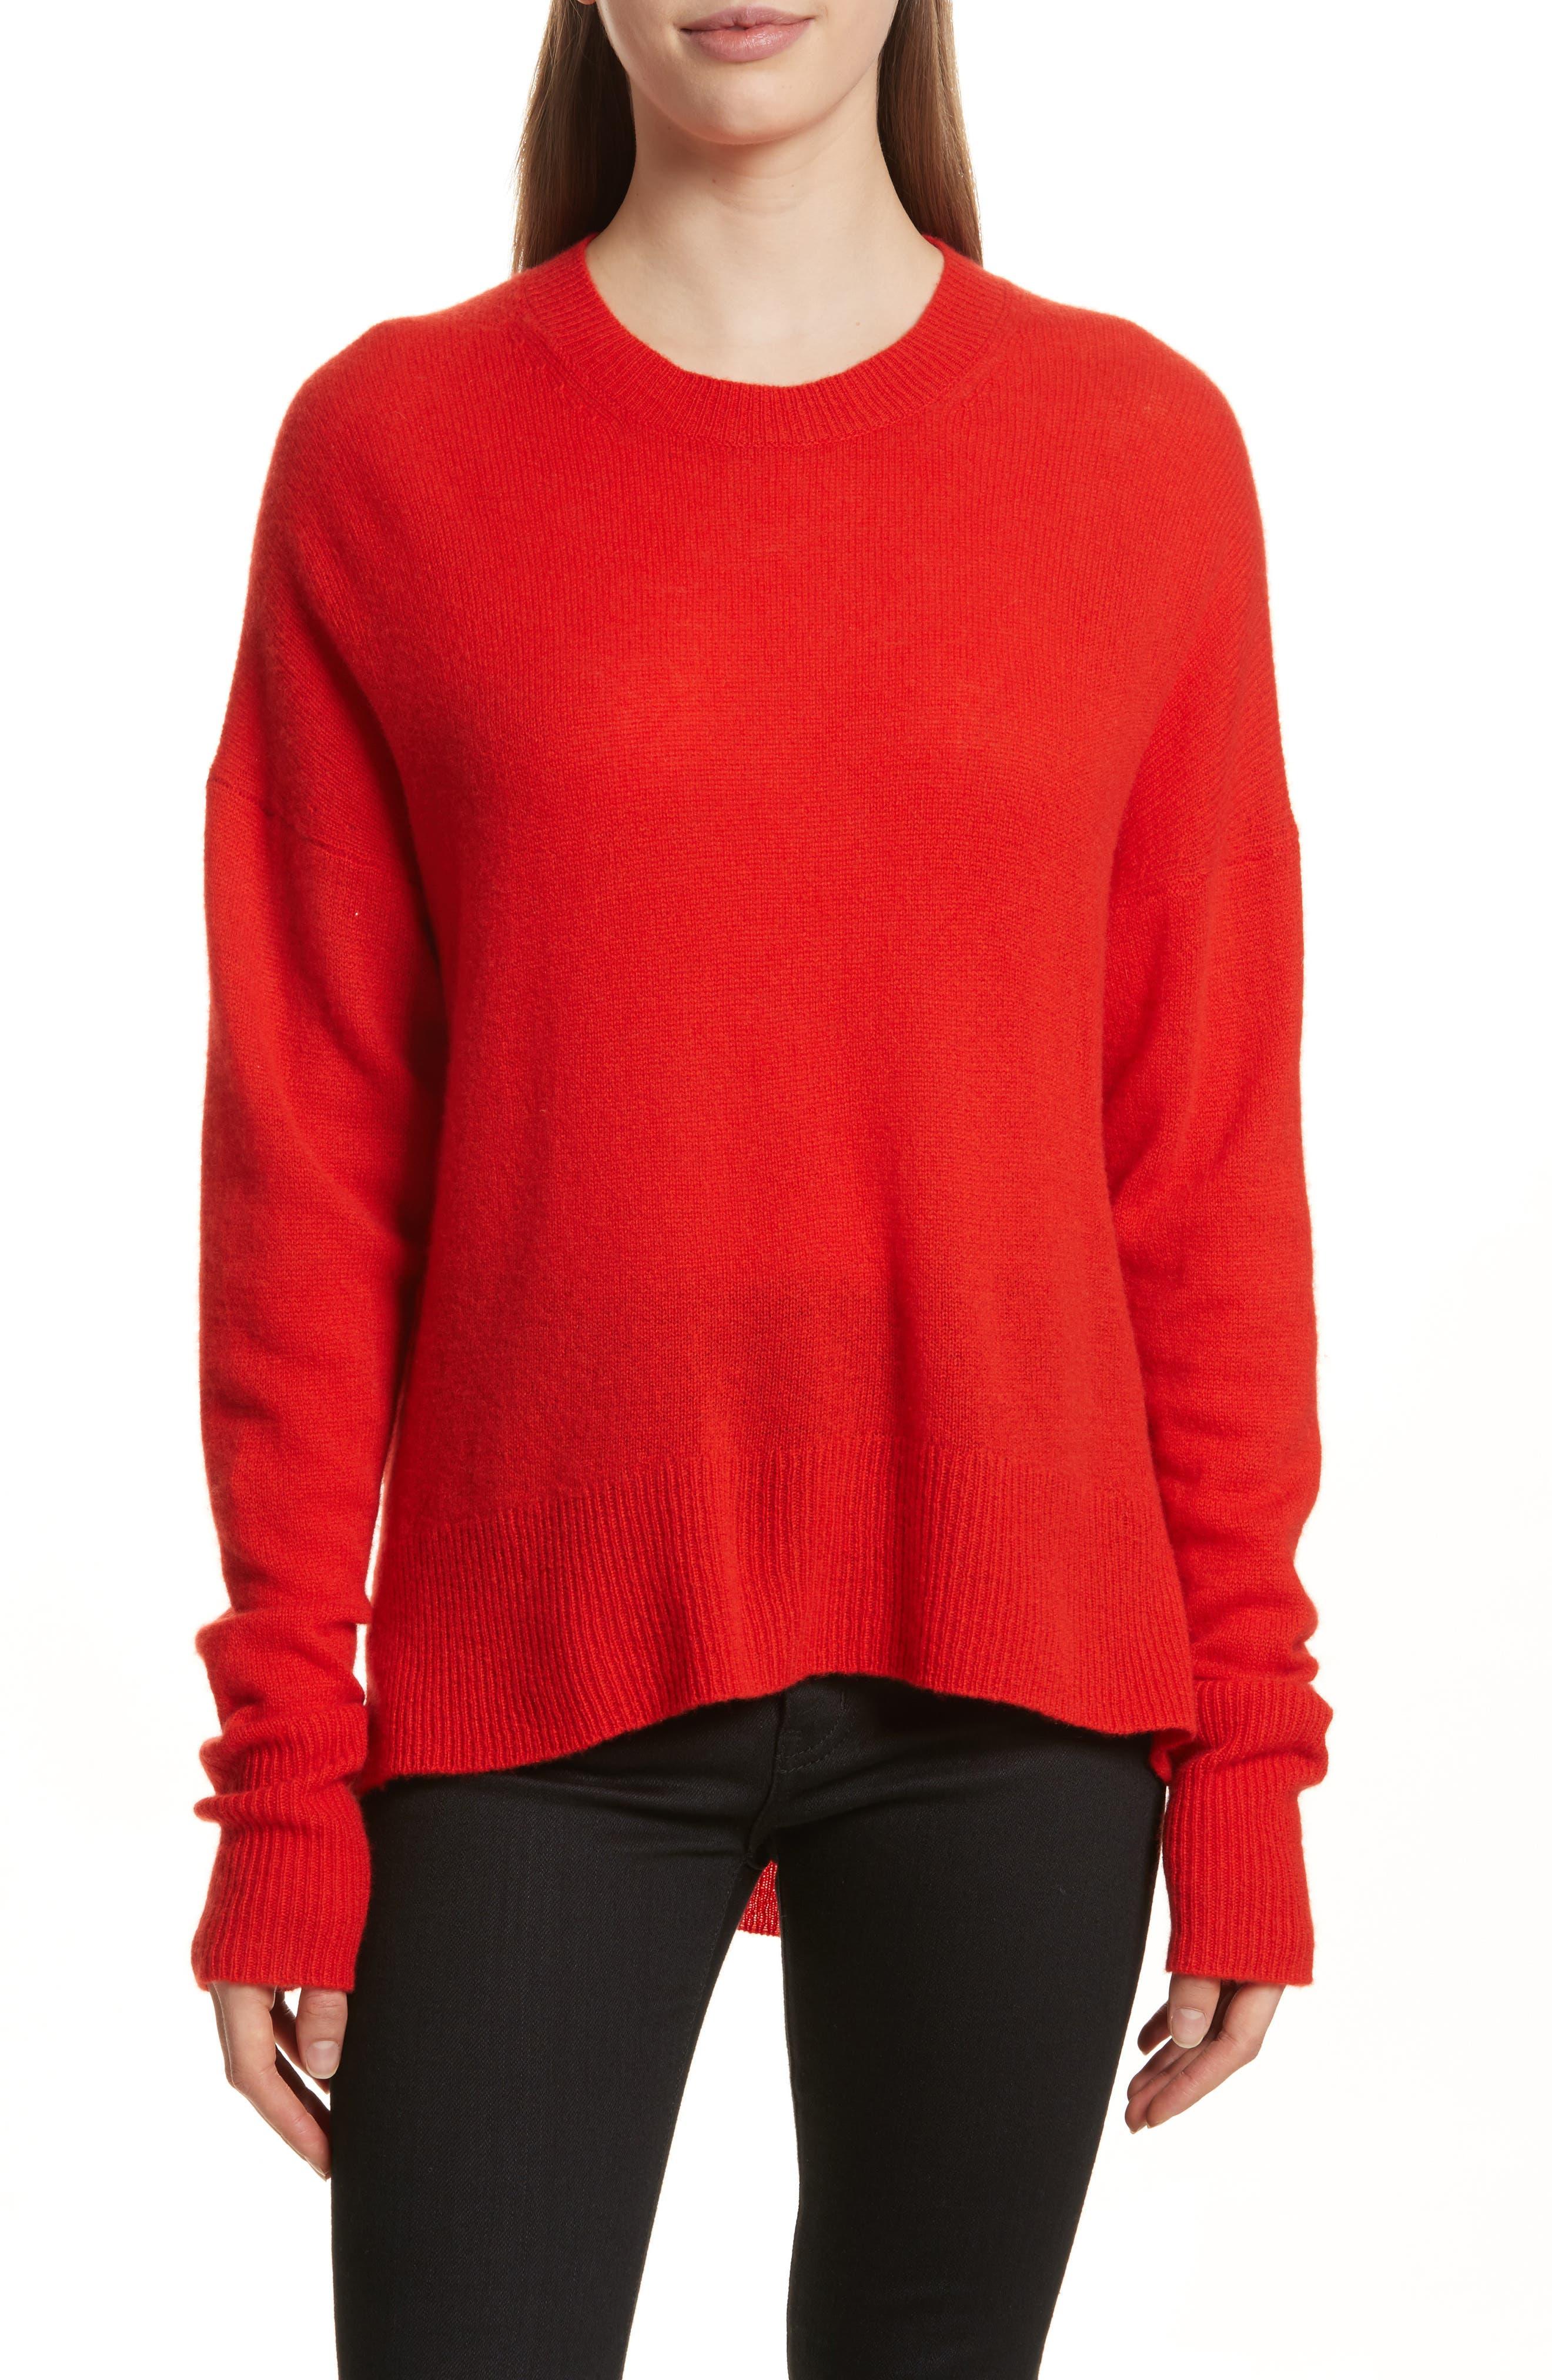 Karenia L Cashmere Sweater,                             Main thumbnail 1, color,                             Bight Tomato